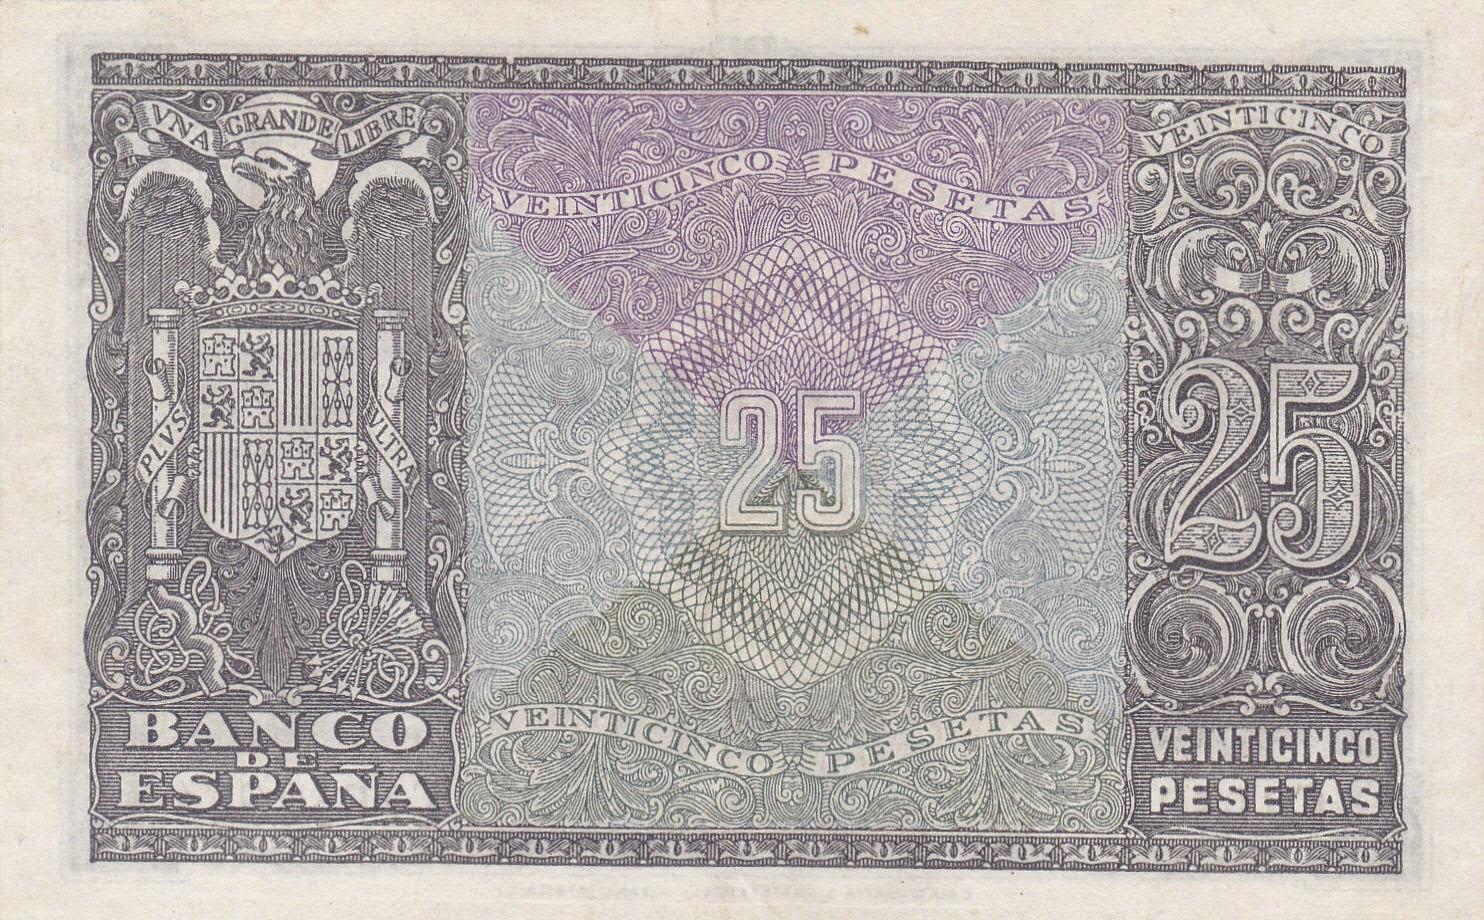 Spain money currency 25 Pesetas banknote 1940 Coat of arms of Spain